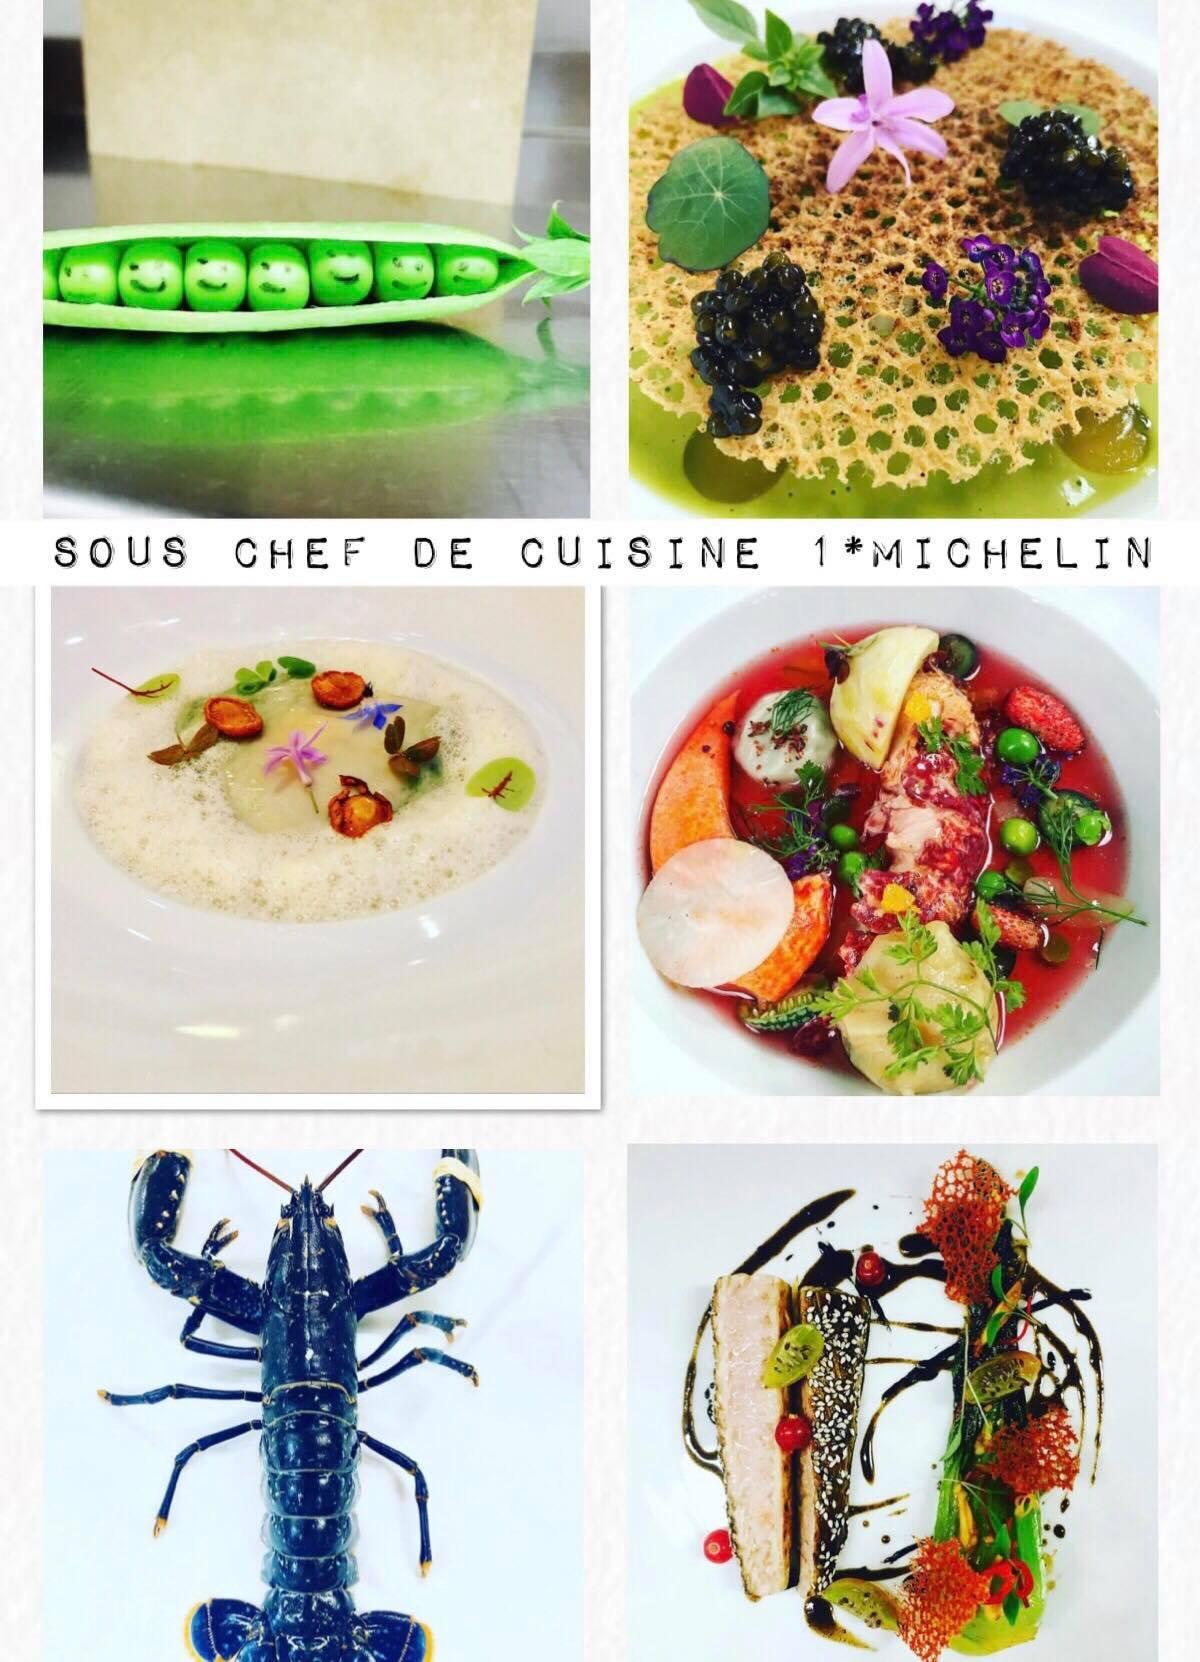 Sous chef de cuisine 1 rhea recrutement for Offre d emploi commis de cuisine paris